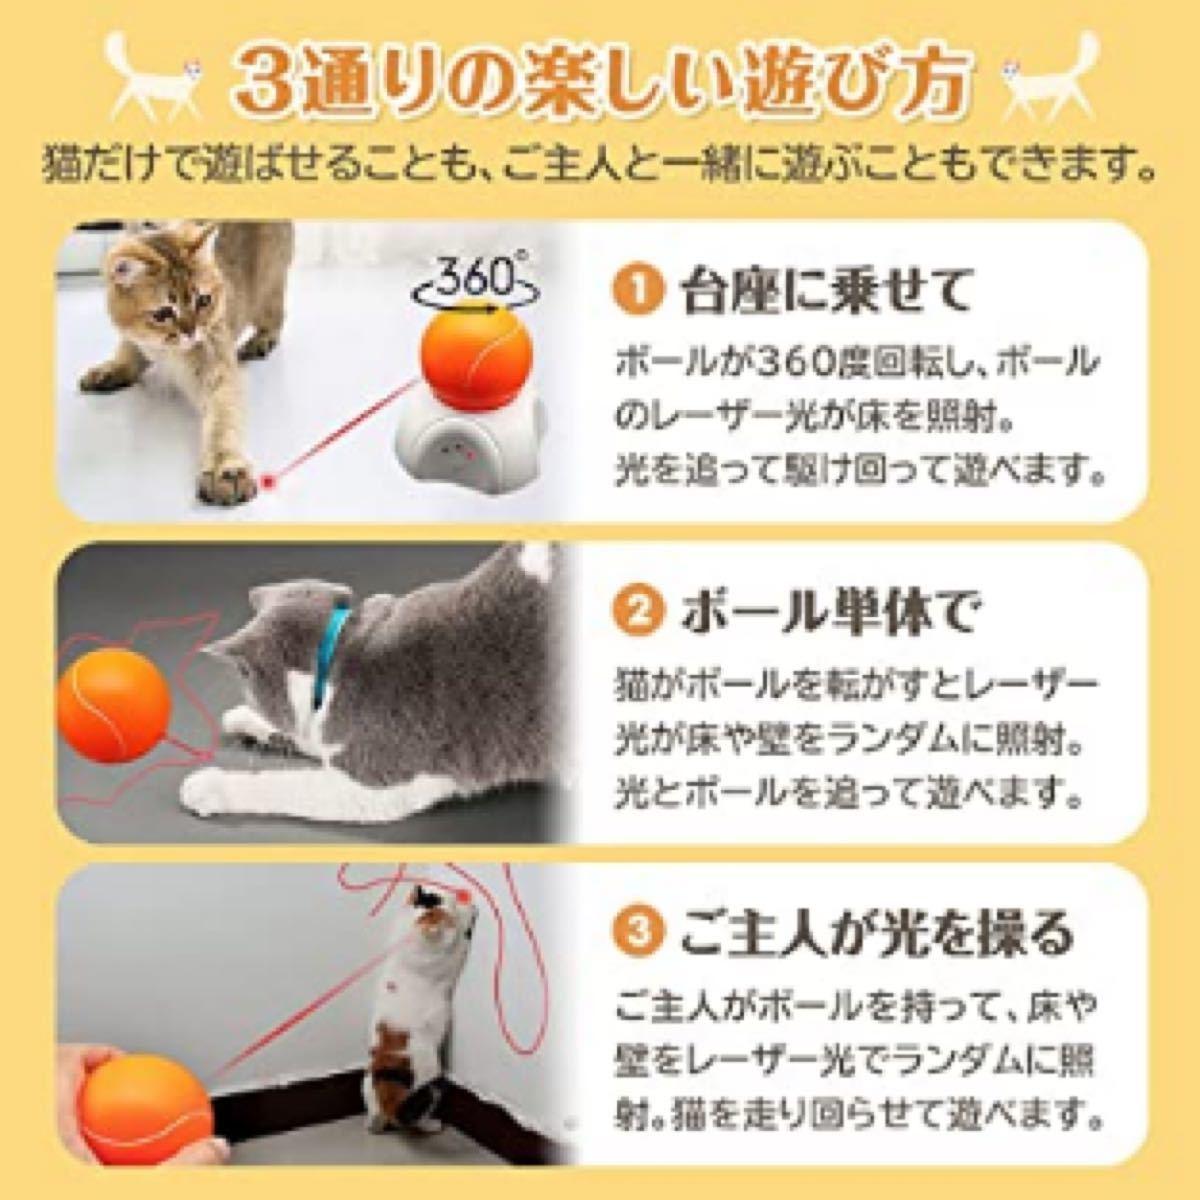 猫 おもちゃ ペット用品 猫ボール 人気 電動 ストレス解消 運動不足 回転ボール 猫用知育玩具 LED あそび道具 (オレンジ)